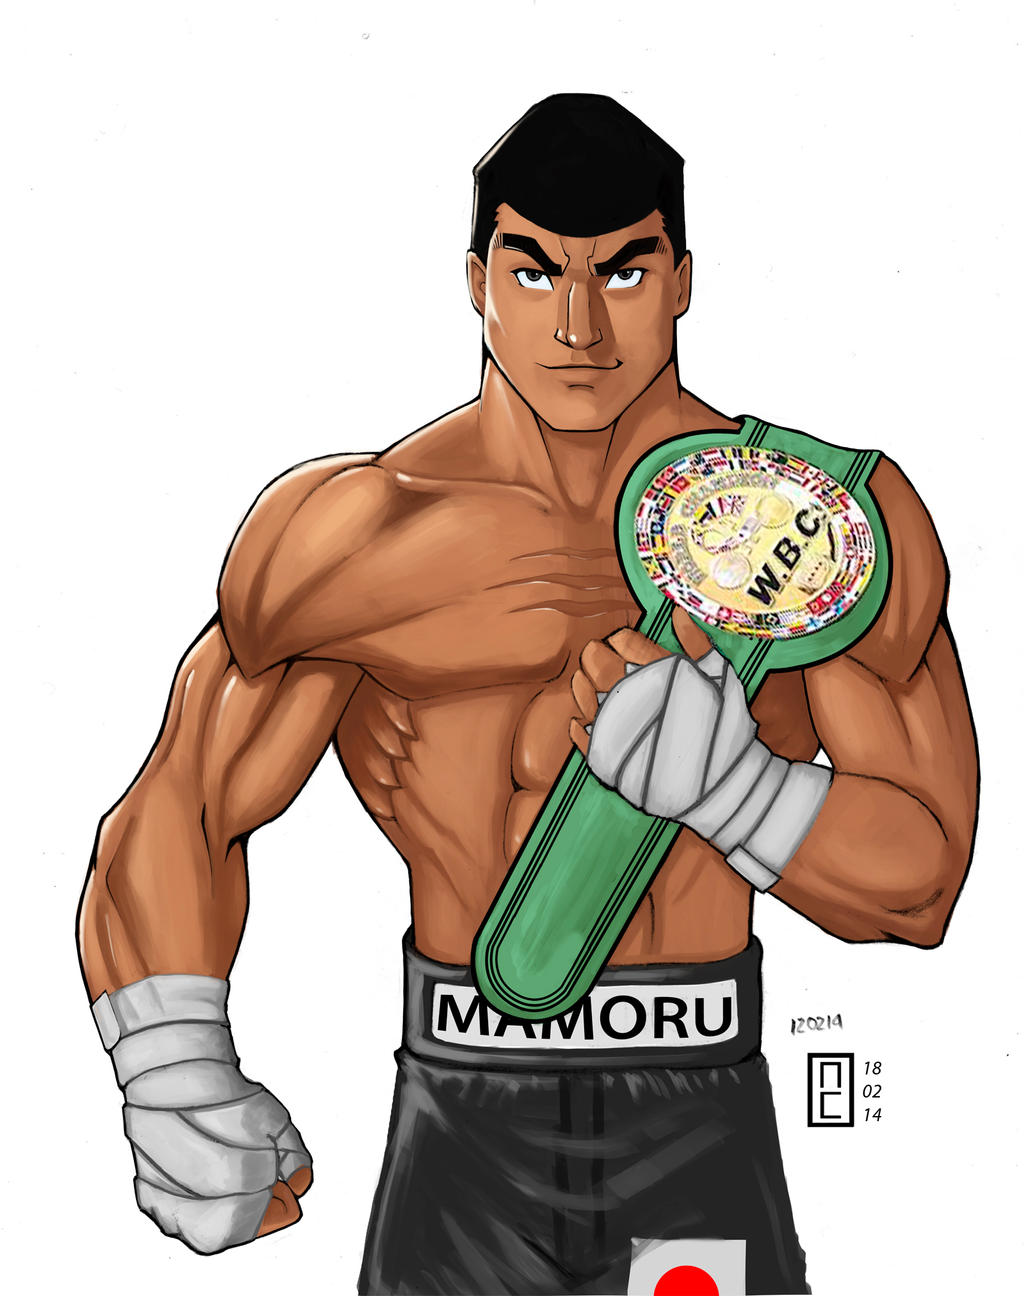 Takamura Mamoru | Wiki Ippo | FANDOM powered by Wikia